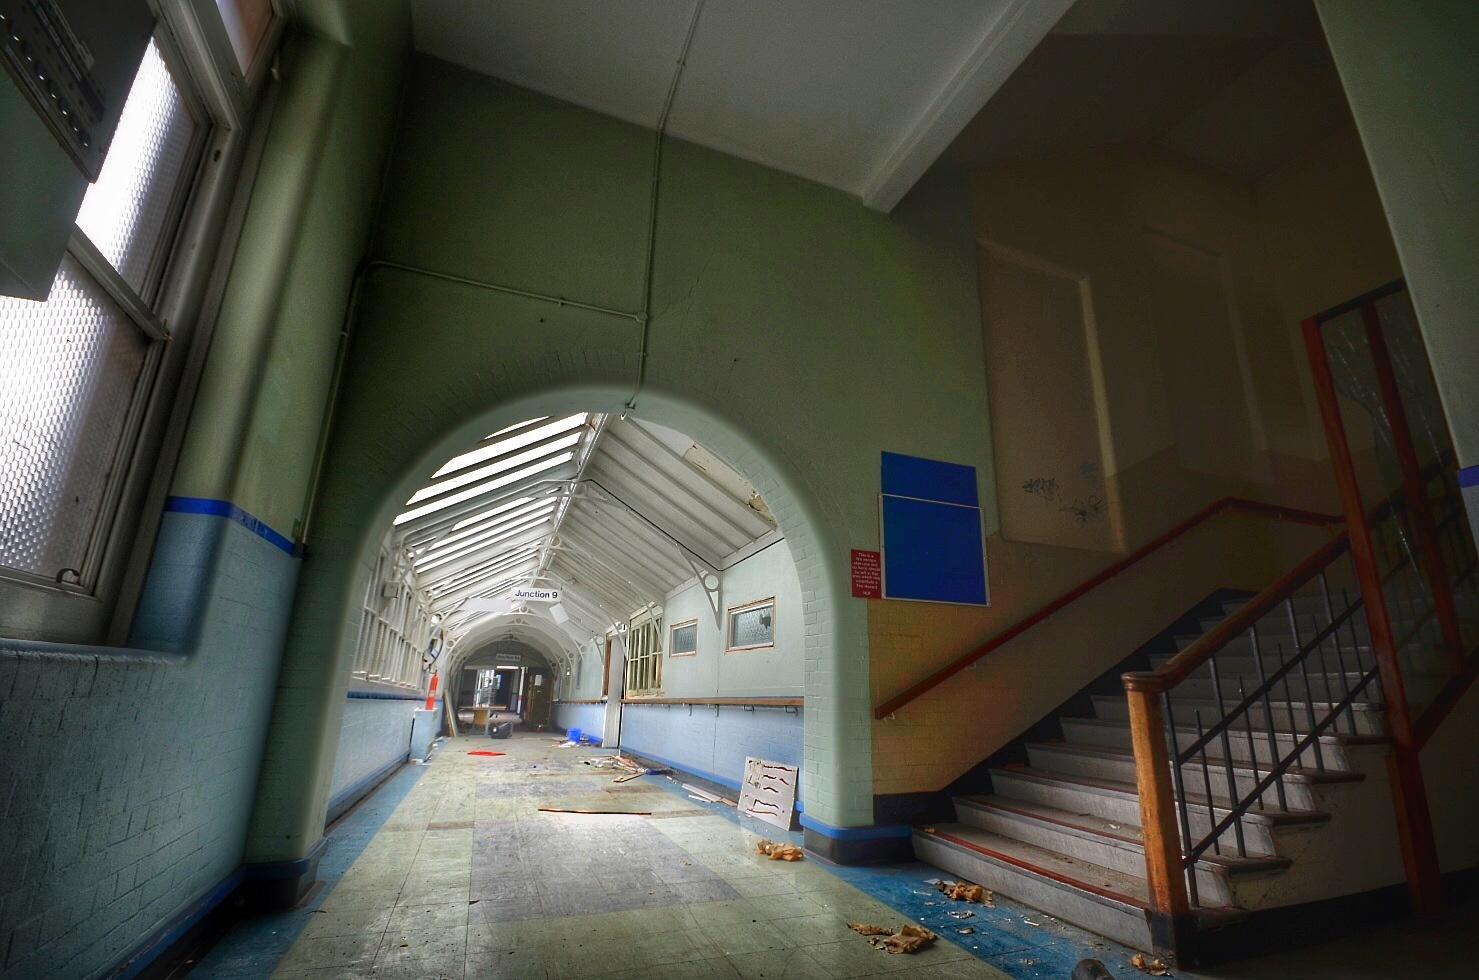 Abandoned Hospital Hallway by TeEnZiE